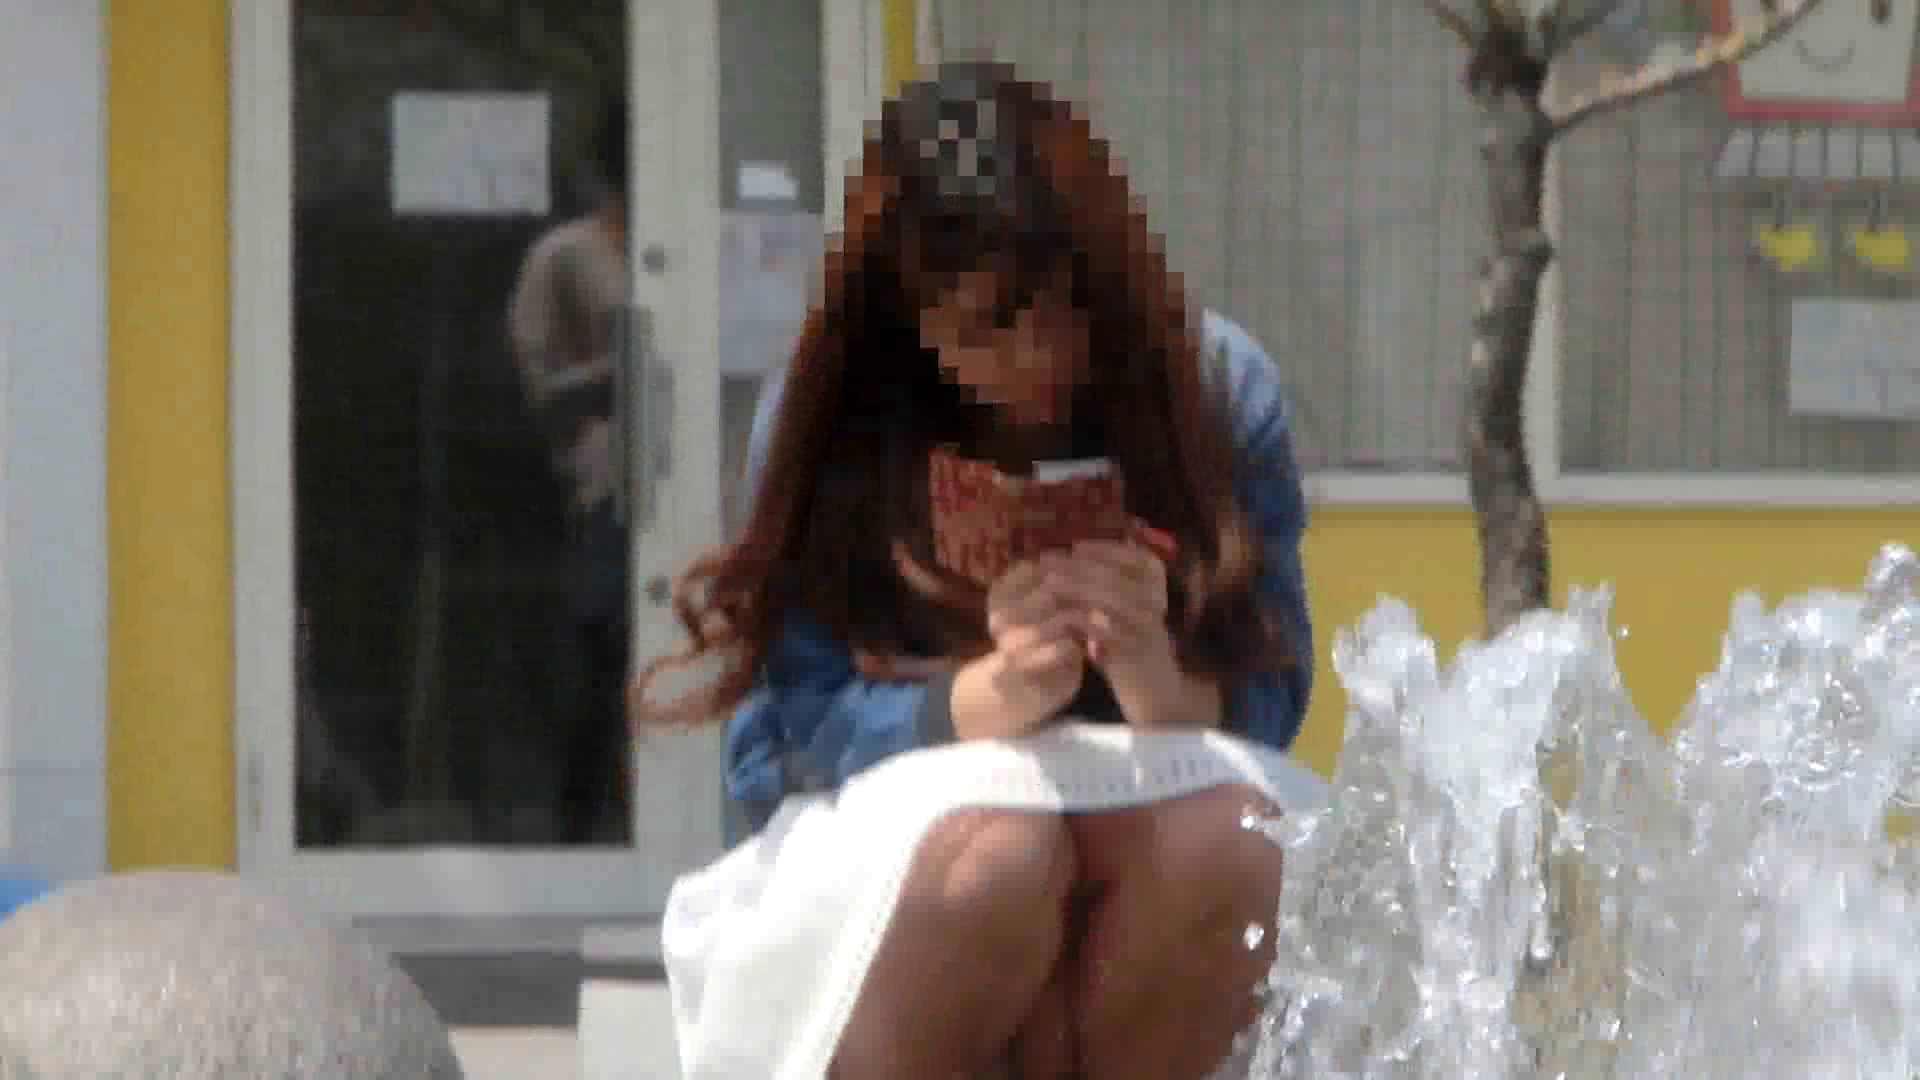 真剣に買い物中のgal達を上から下から狙います。vol.11 美しいOLの裸体  78pic 58